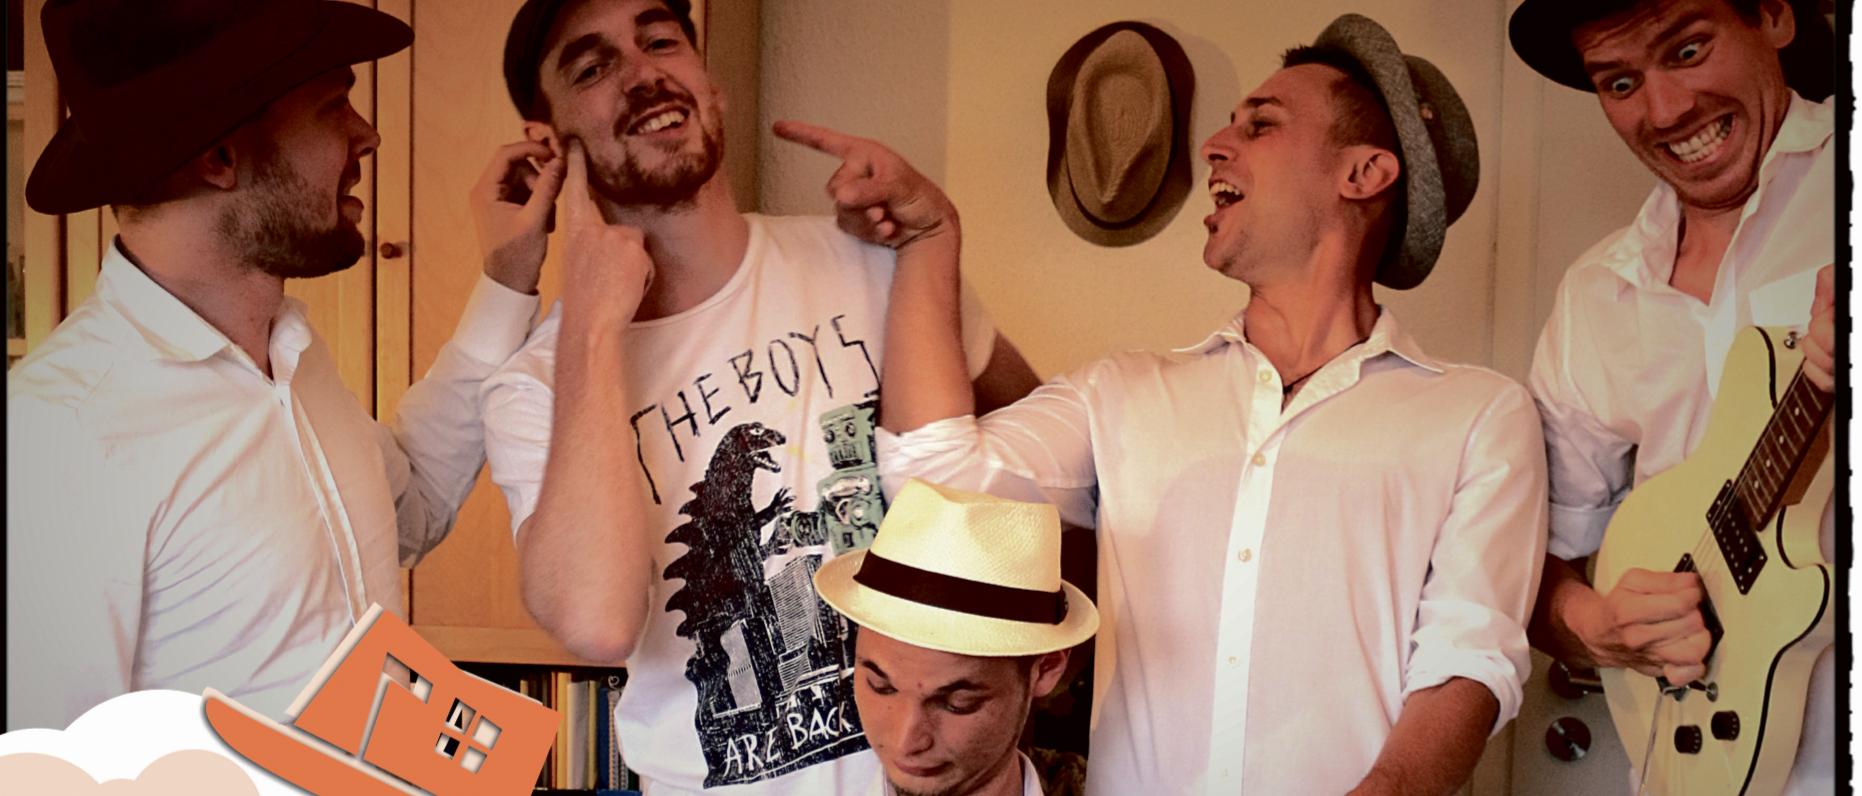 Fünf Hüte machen Musik